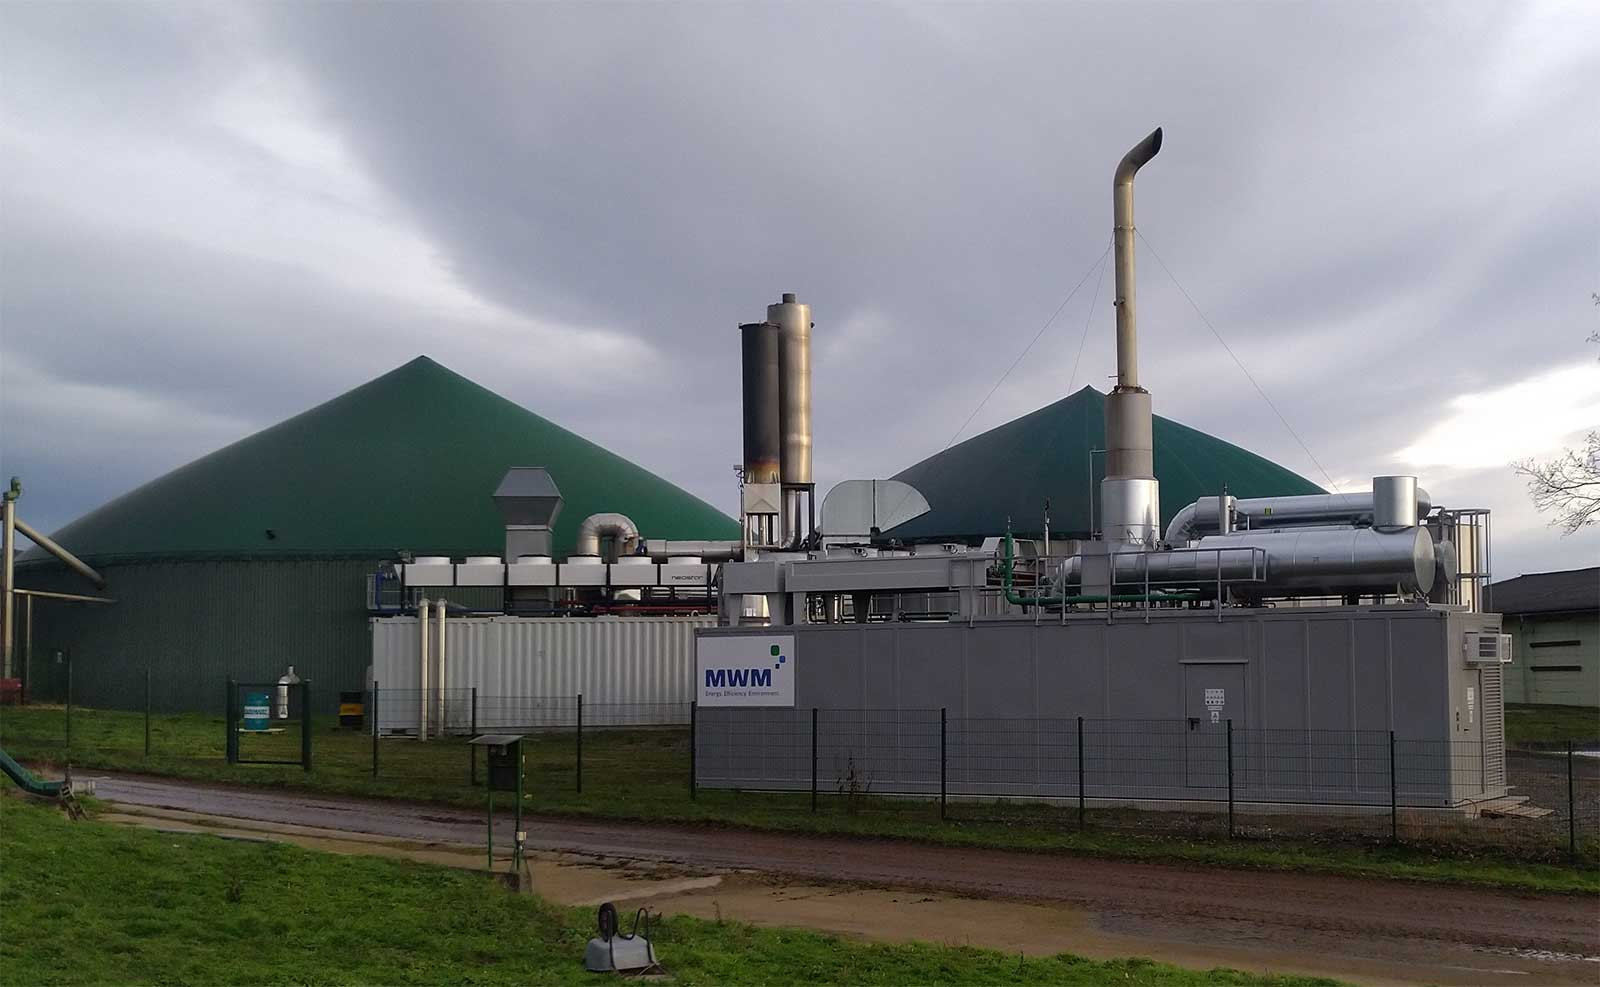 Biogasanlage und MWM Container Blockheizkraftwerk zur dezentralen Stromerzeugung an einem der Standorte von Bioenergie Nooren